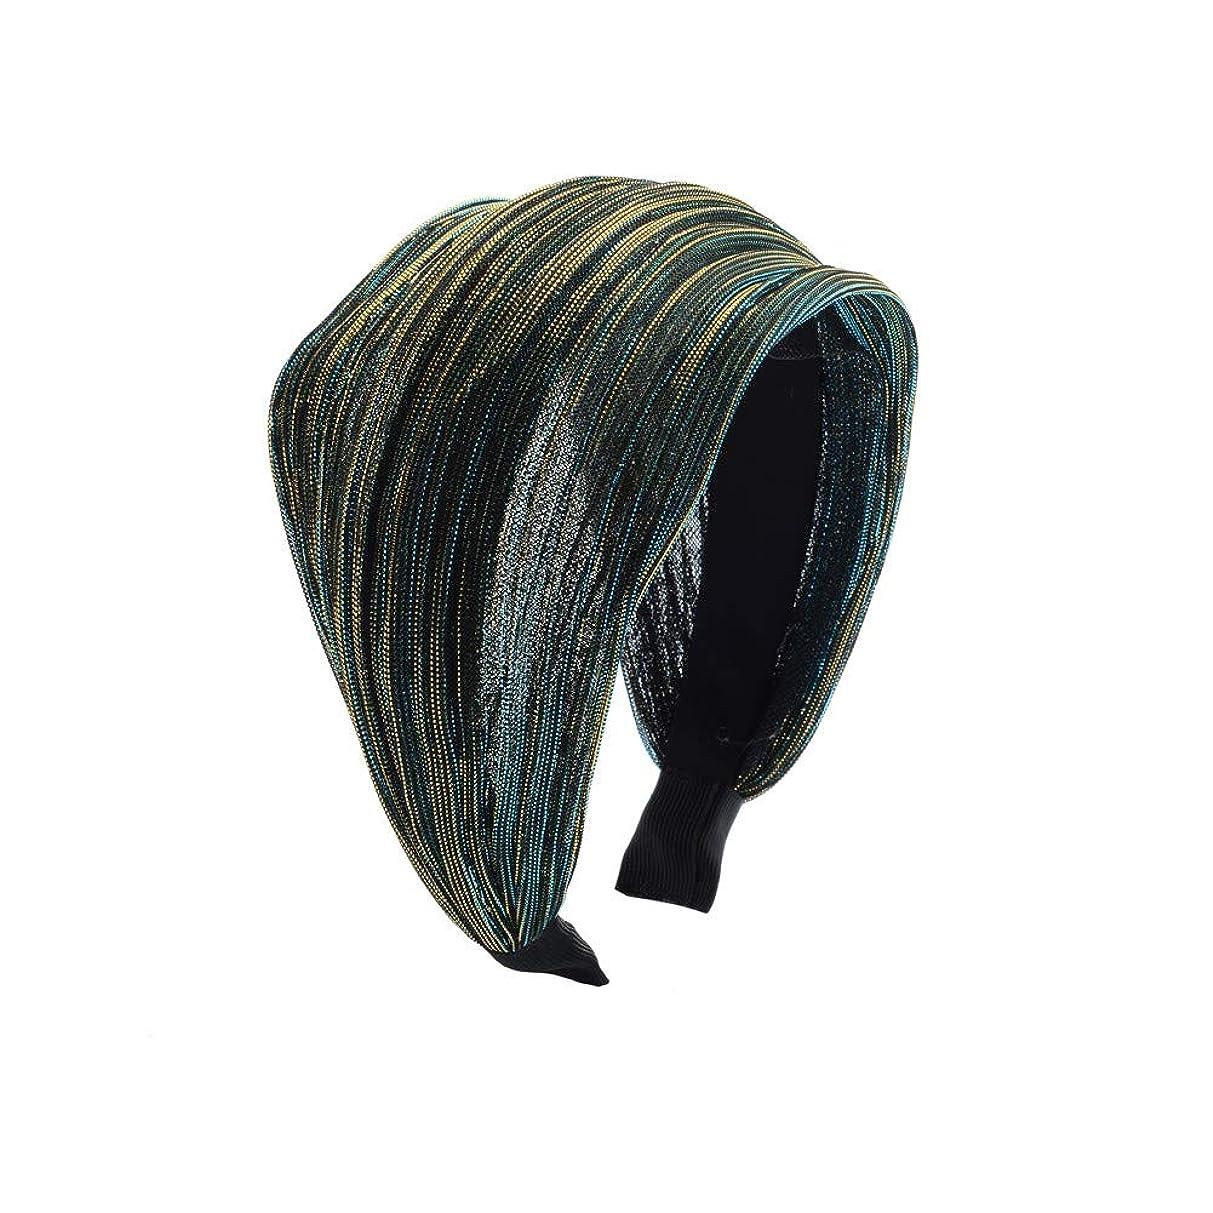 同様のバッテリー広範囲Chimera 幅広 カチューシャ シンプル やわらか布サテン ヘアバンド レディース ファッションヘアアクセサリー ワイド ターバンヘアアレンジ (グリーンブルー)